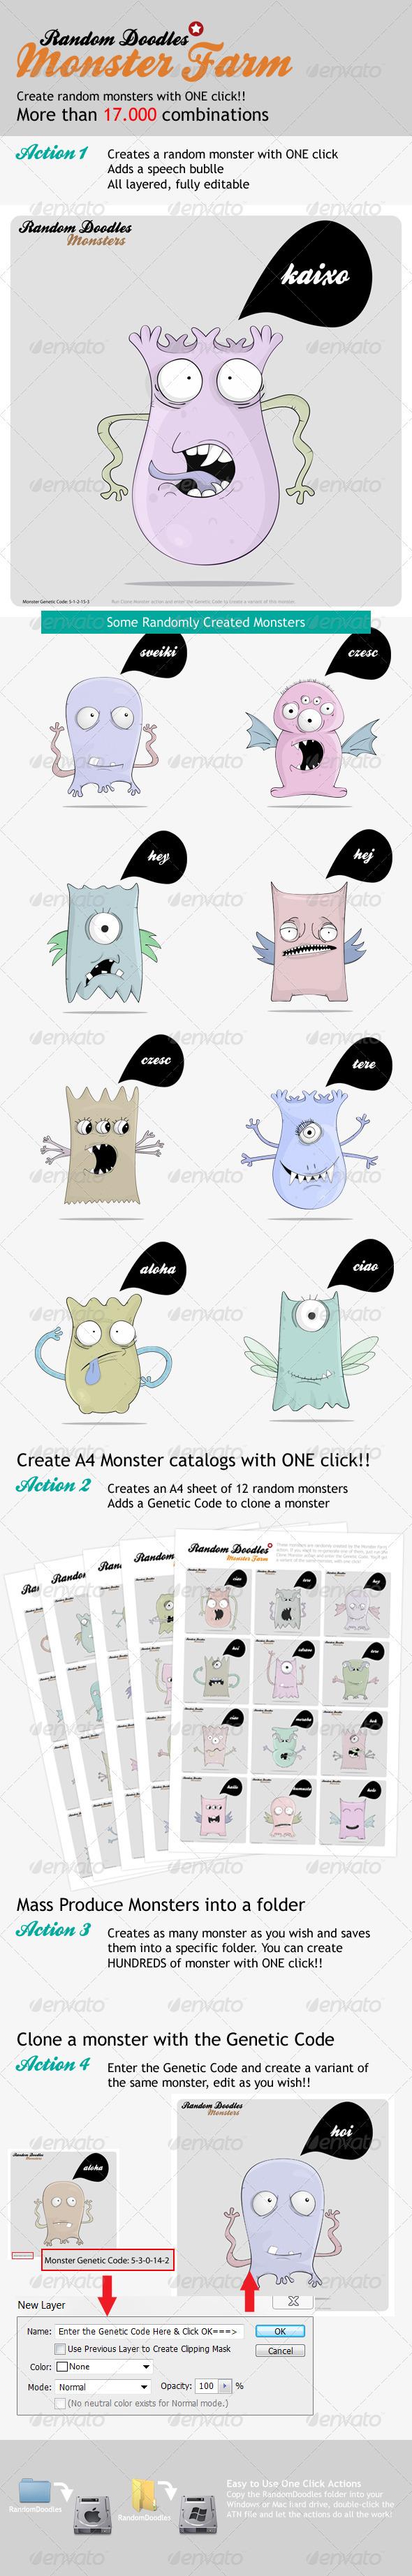 MonsterFarm - Random Doodle Generator - Utilities Actions